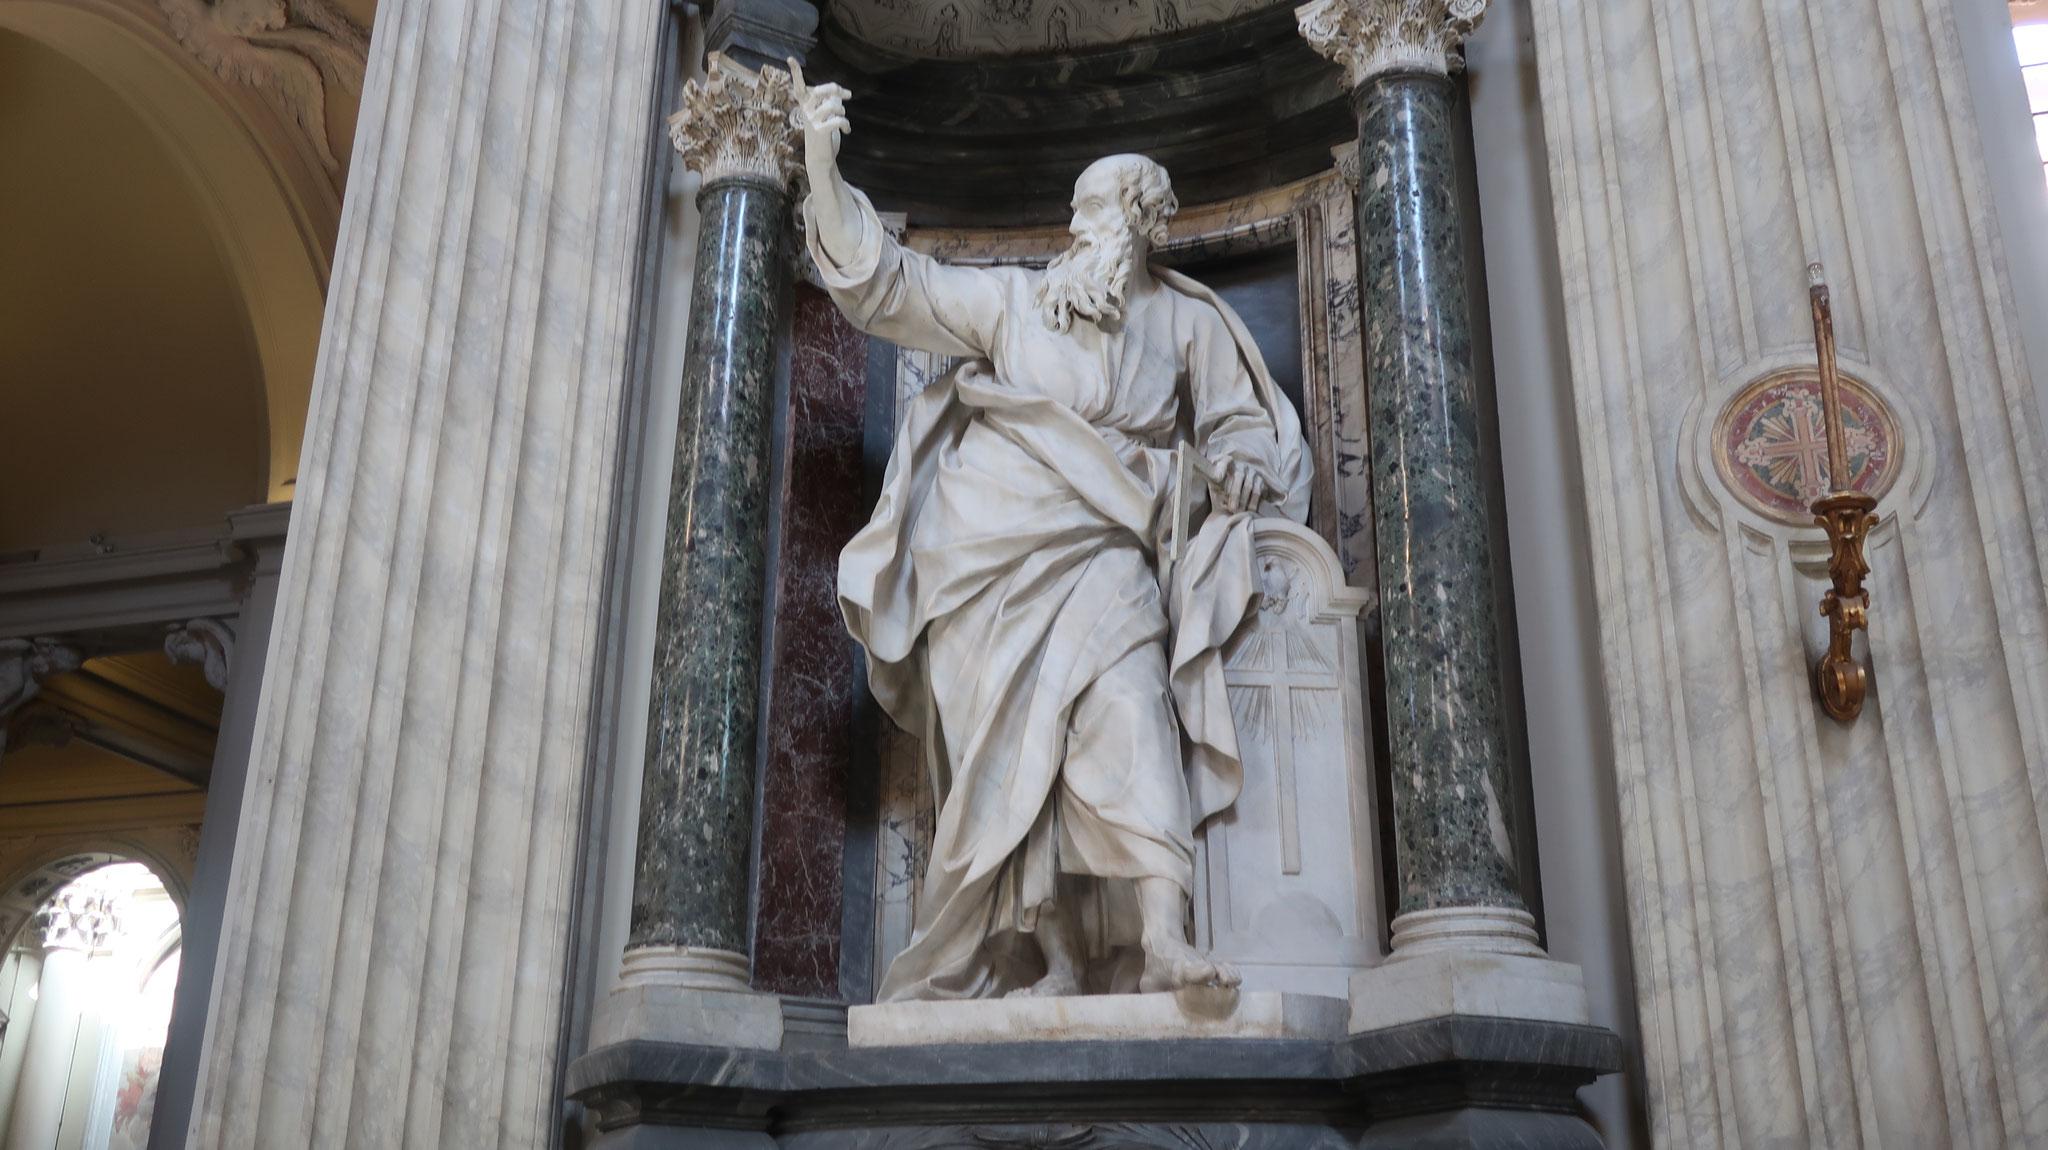 トマス。十二使徒の一人。イエスが復活した時、その腹の傷に自分の指を差し込み確認したため「疑い深いトマス」と呼ばれます。